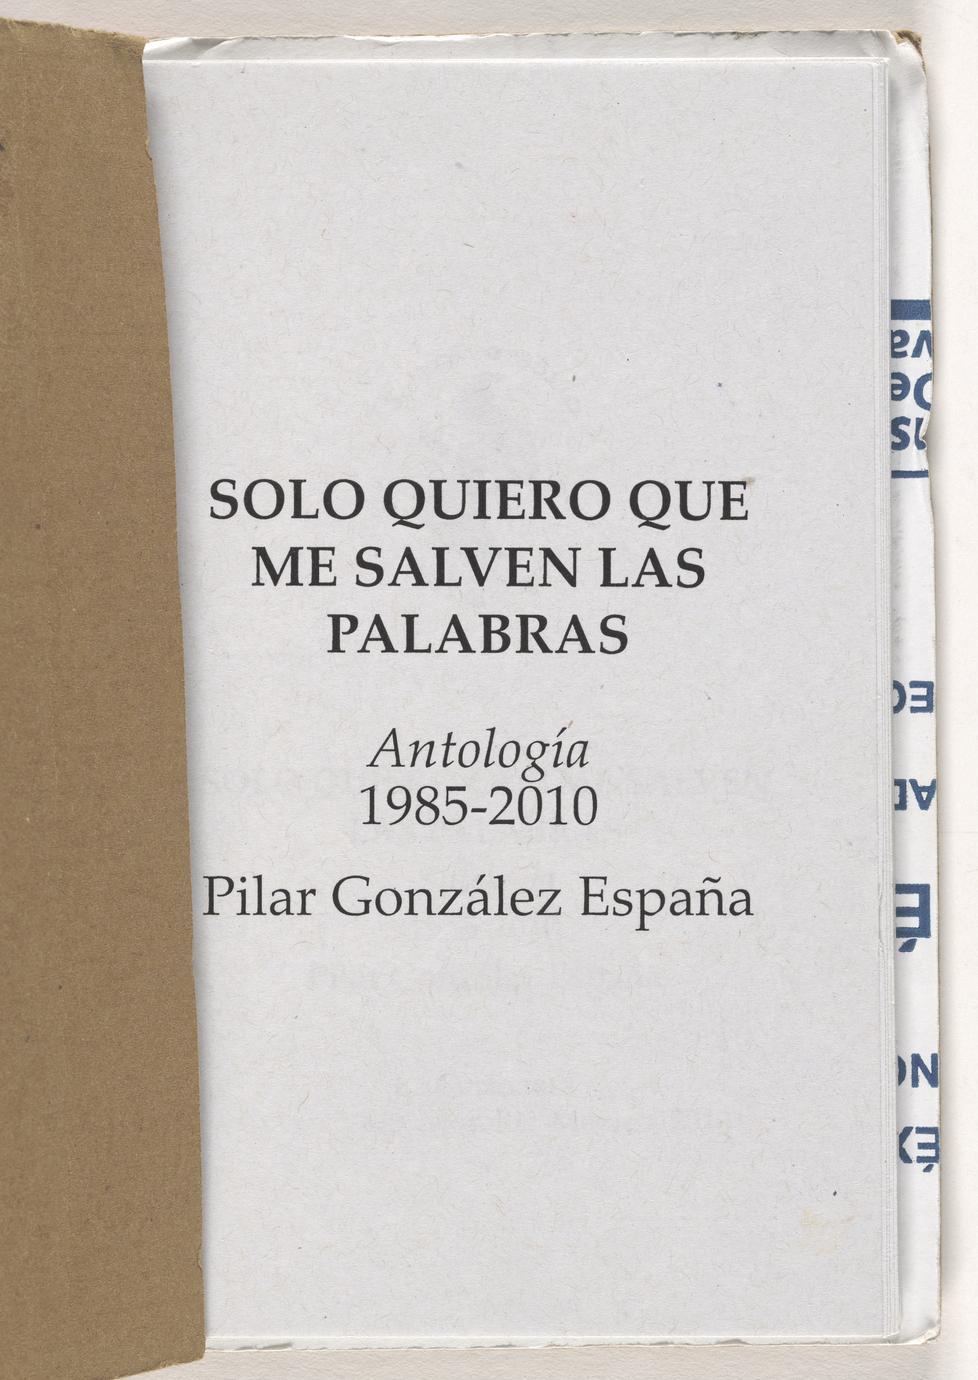 Solo quiero que me salven las palabras : antología, 1985-2010 (3 of 3)